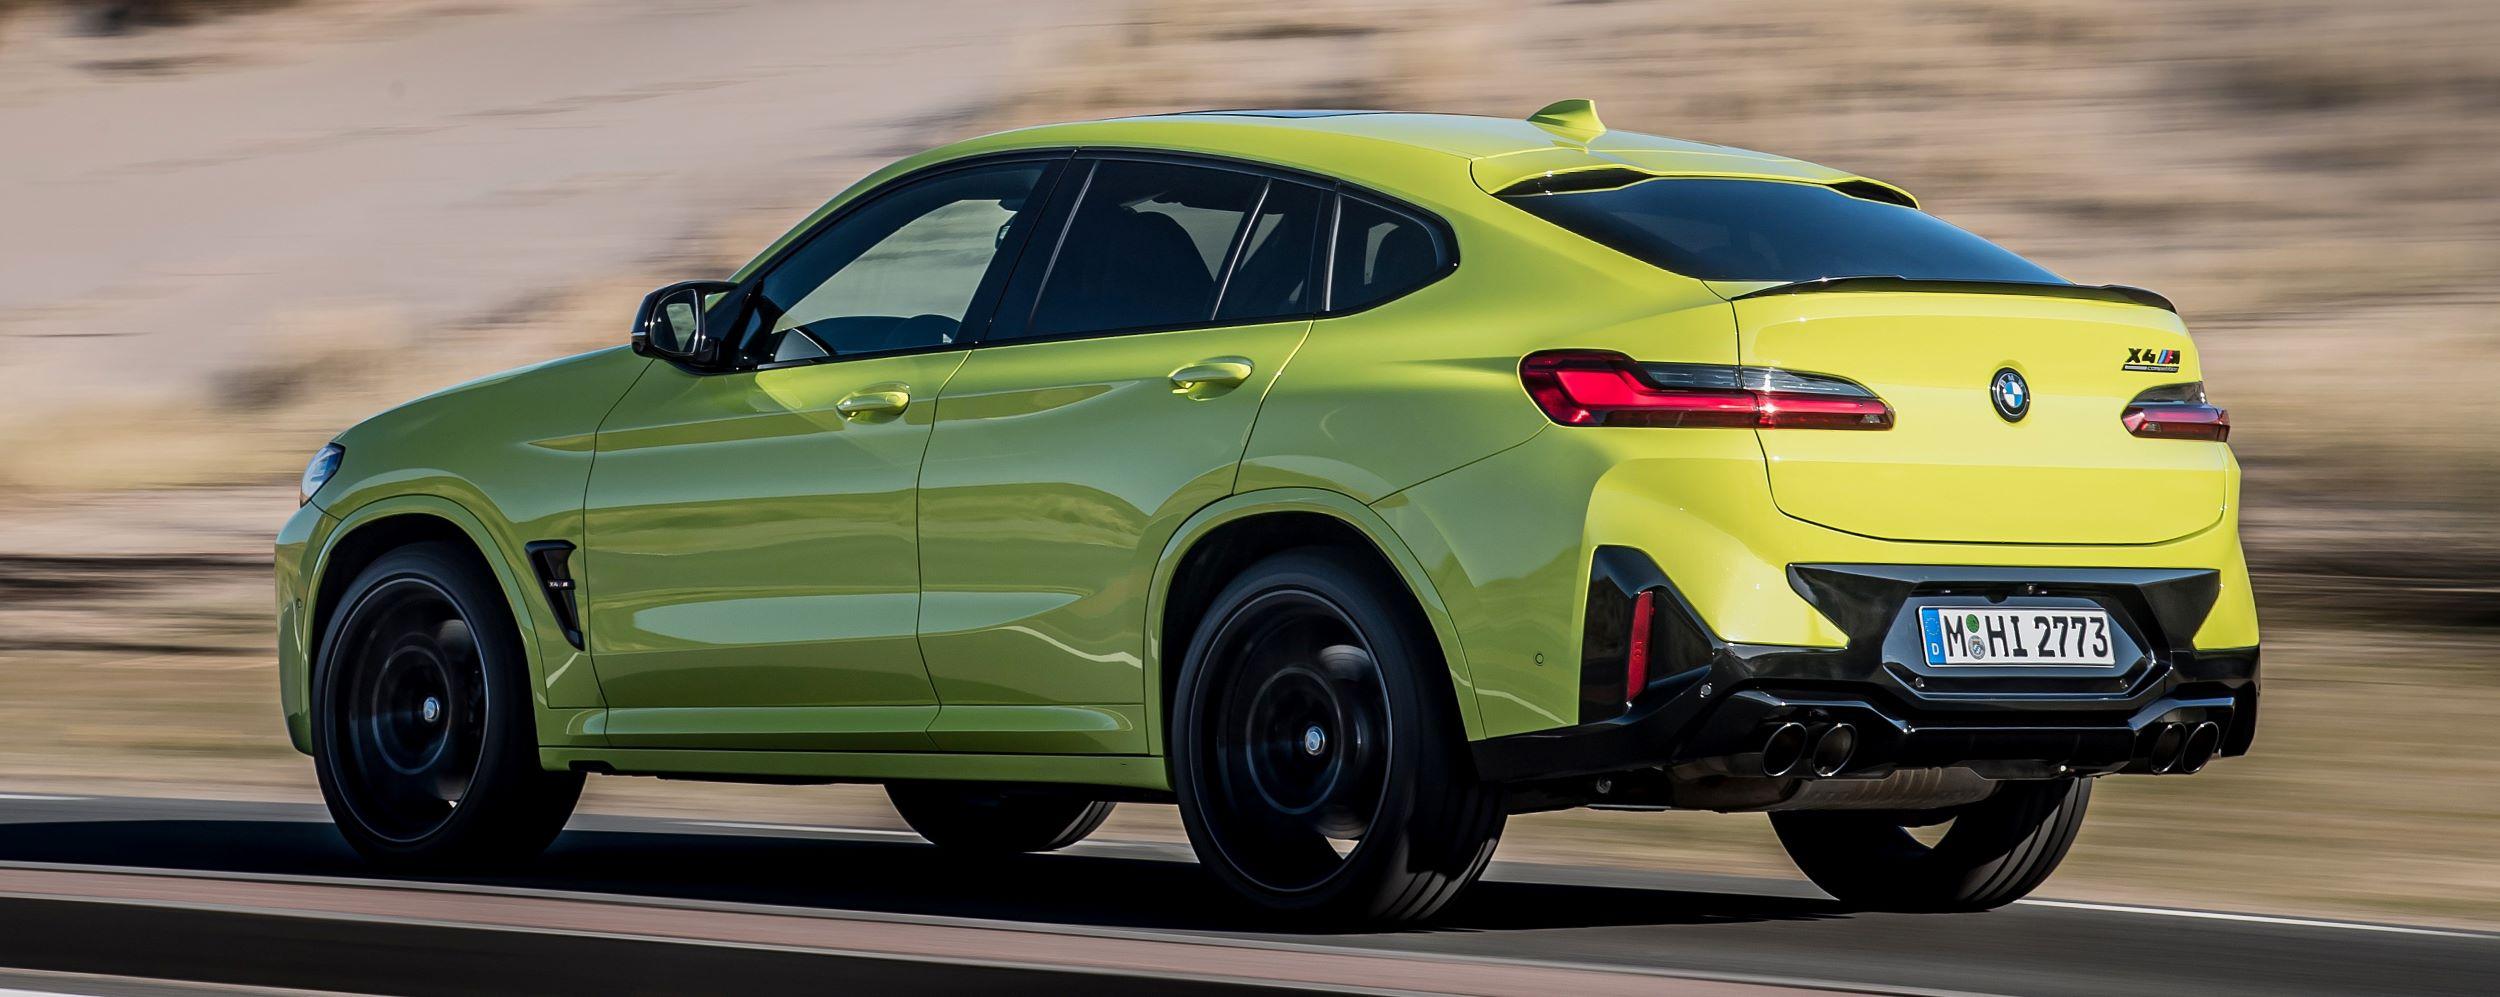 BMW X4 M ył